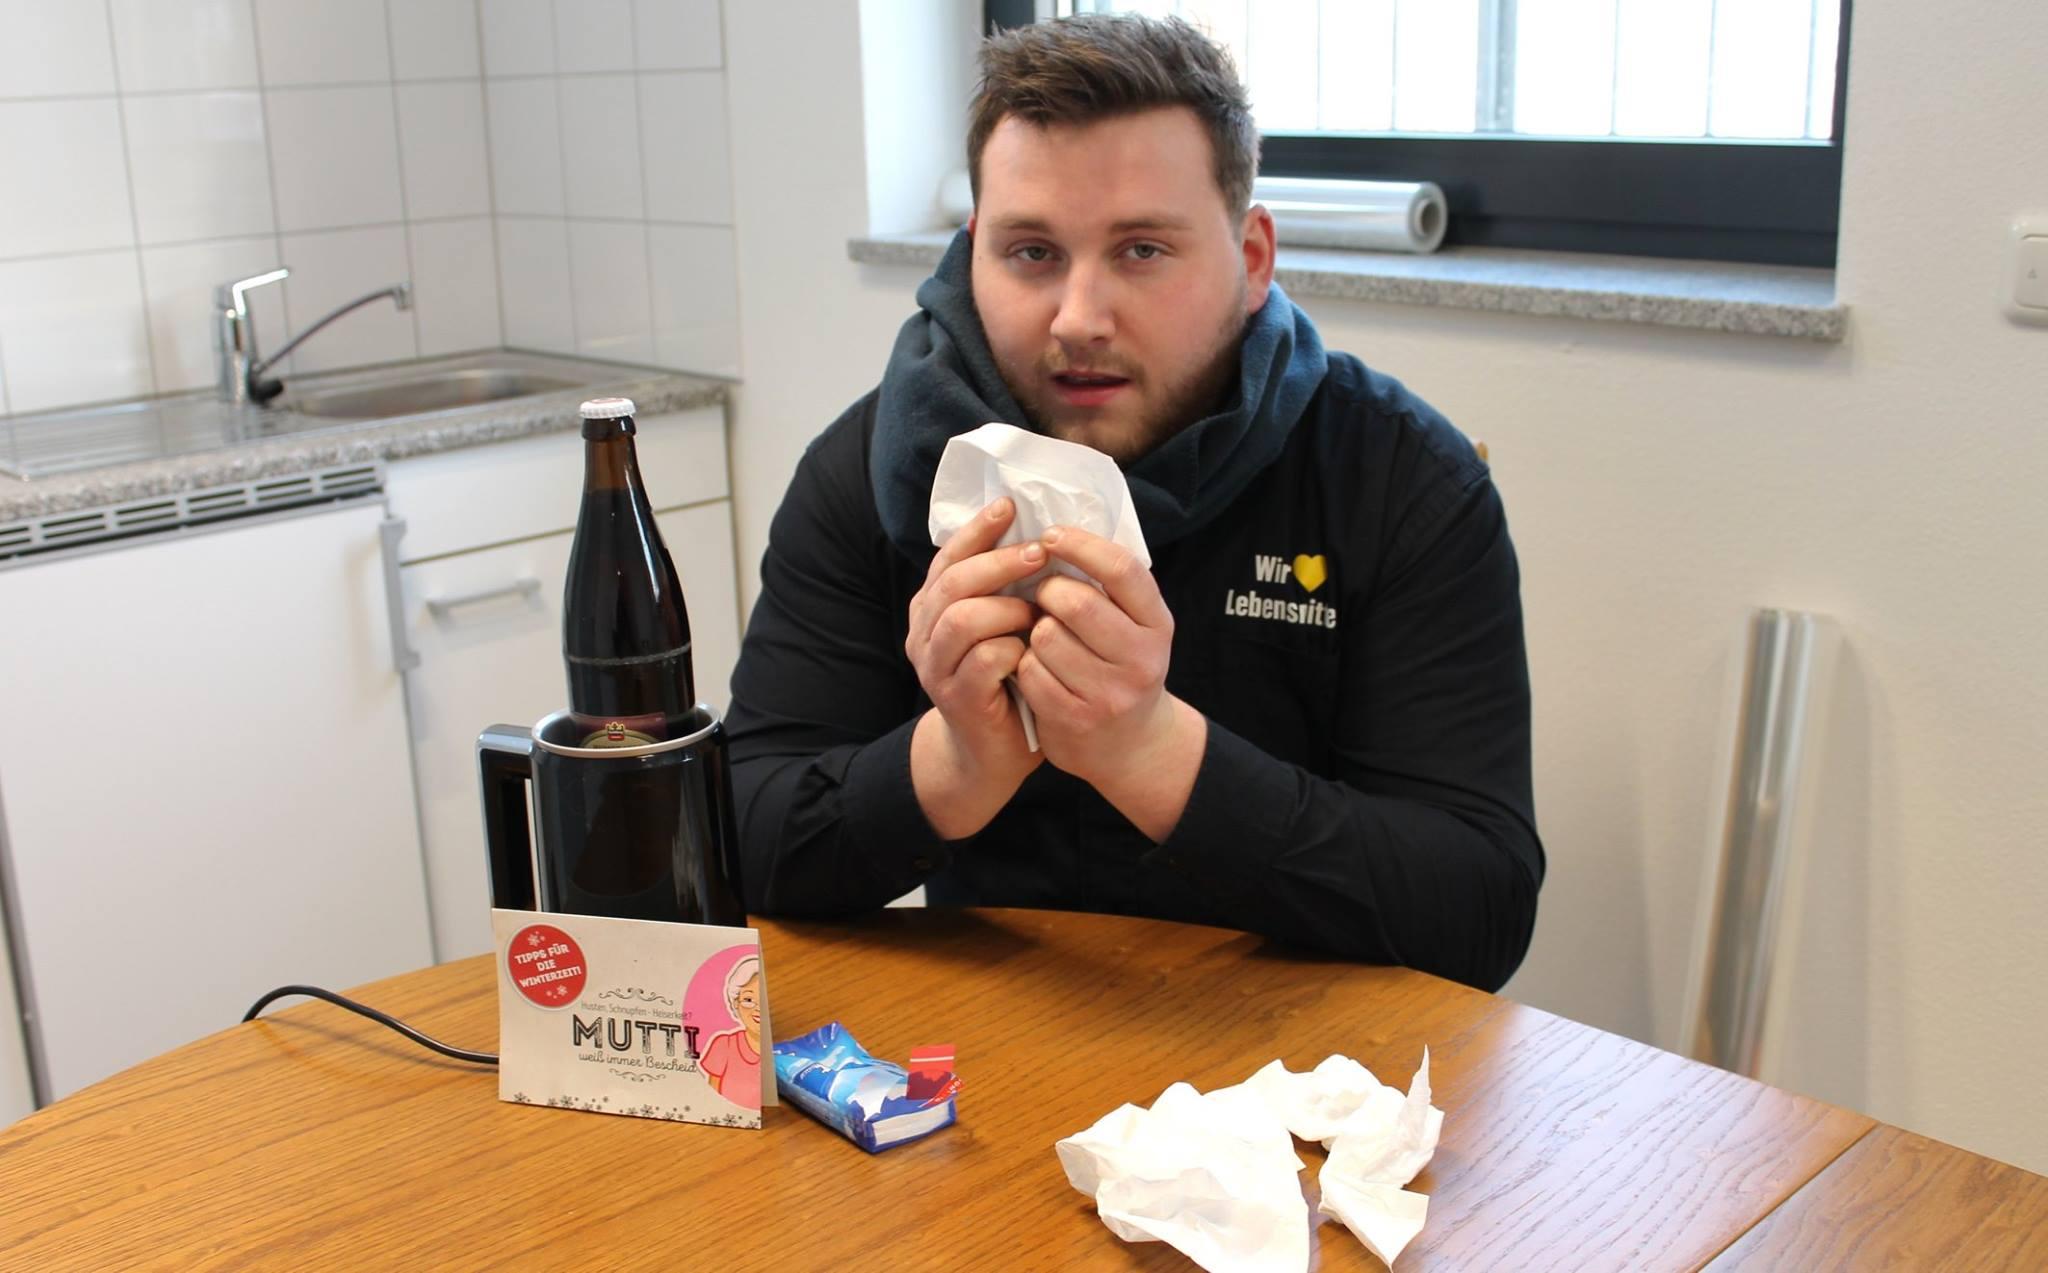 Geheimtipp #2: Warmes Bier. 🍺 Ätherische Öle und Bitterstoffe im Hopfen des Bieres wirken beruhigend und bekämpfen sogar Bakterien. Natürlich nur für Erwachsene!